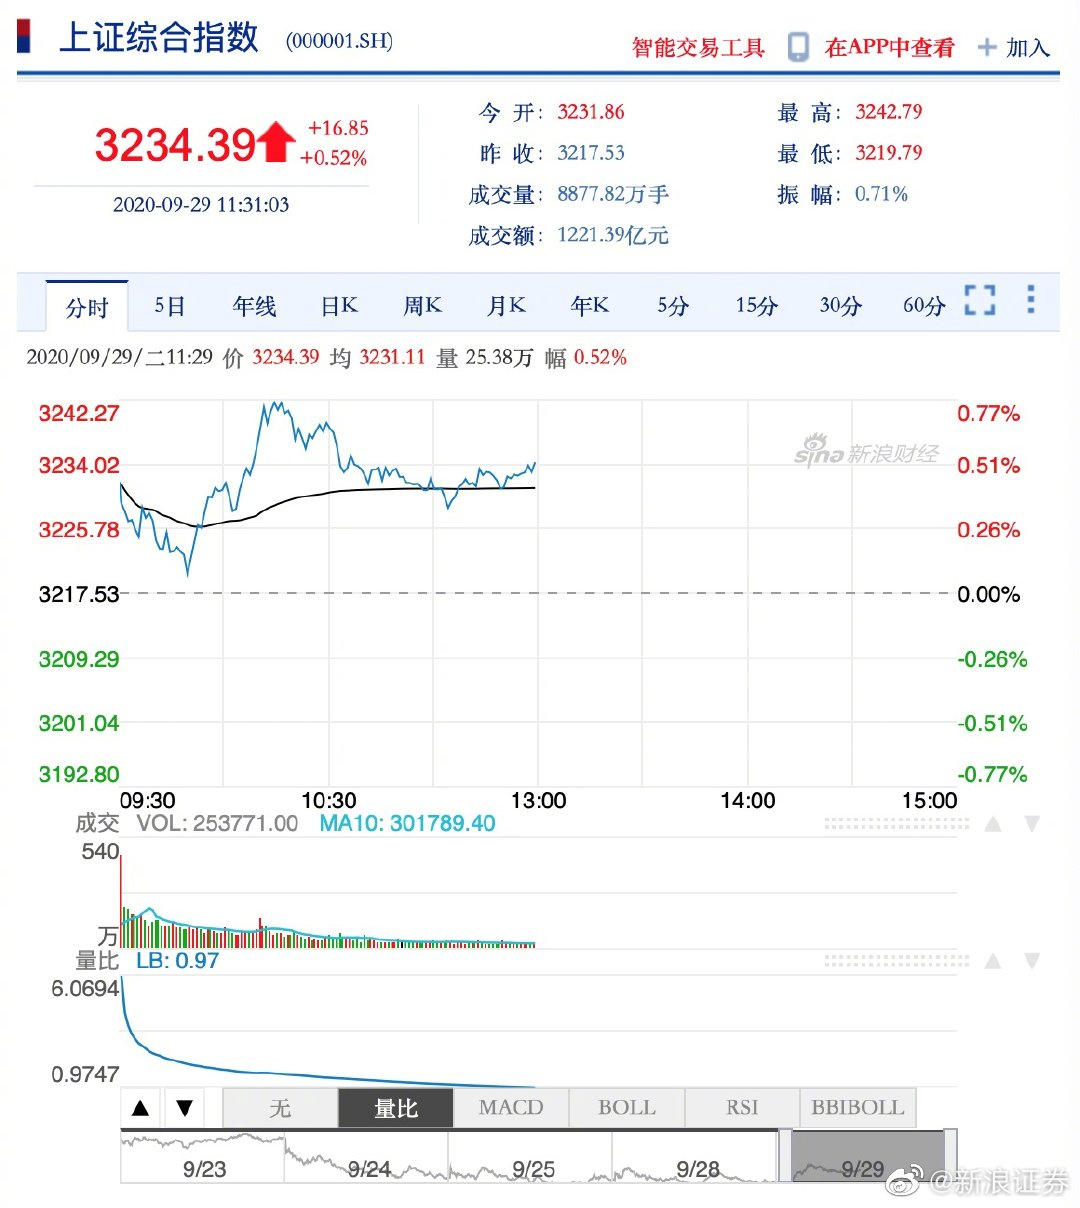 午评:三大指数表现强势沪指涨0.52% 军工板块领涨